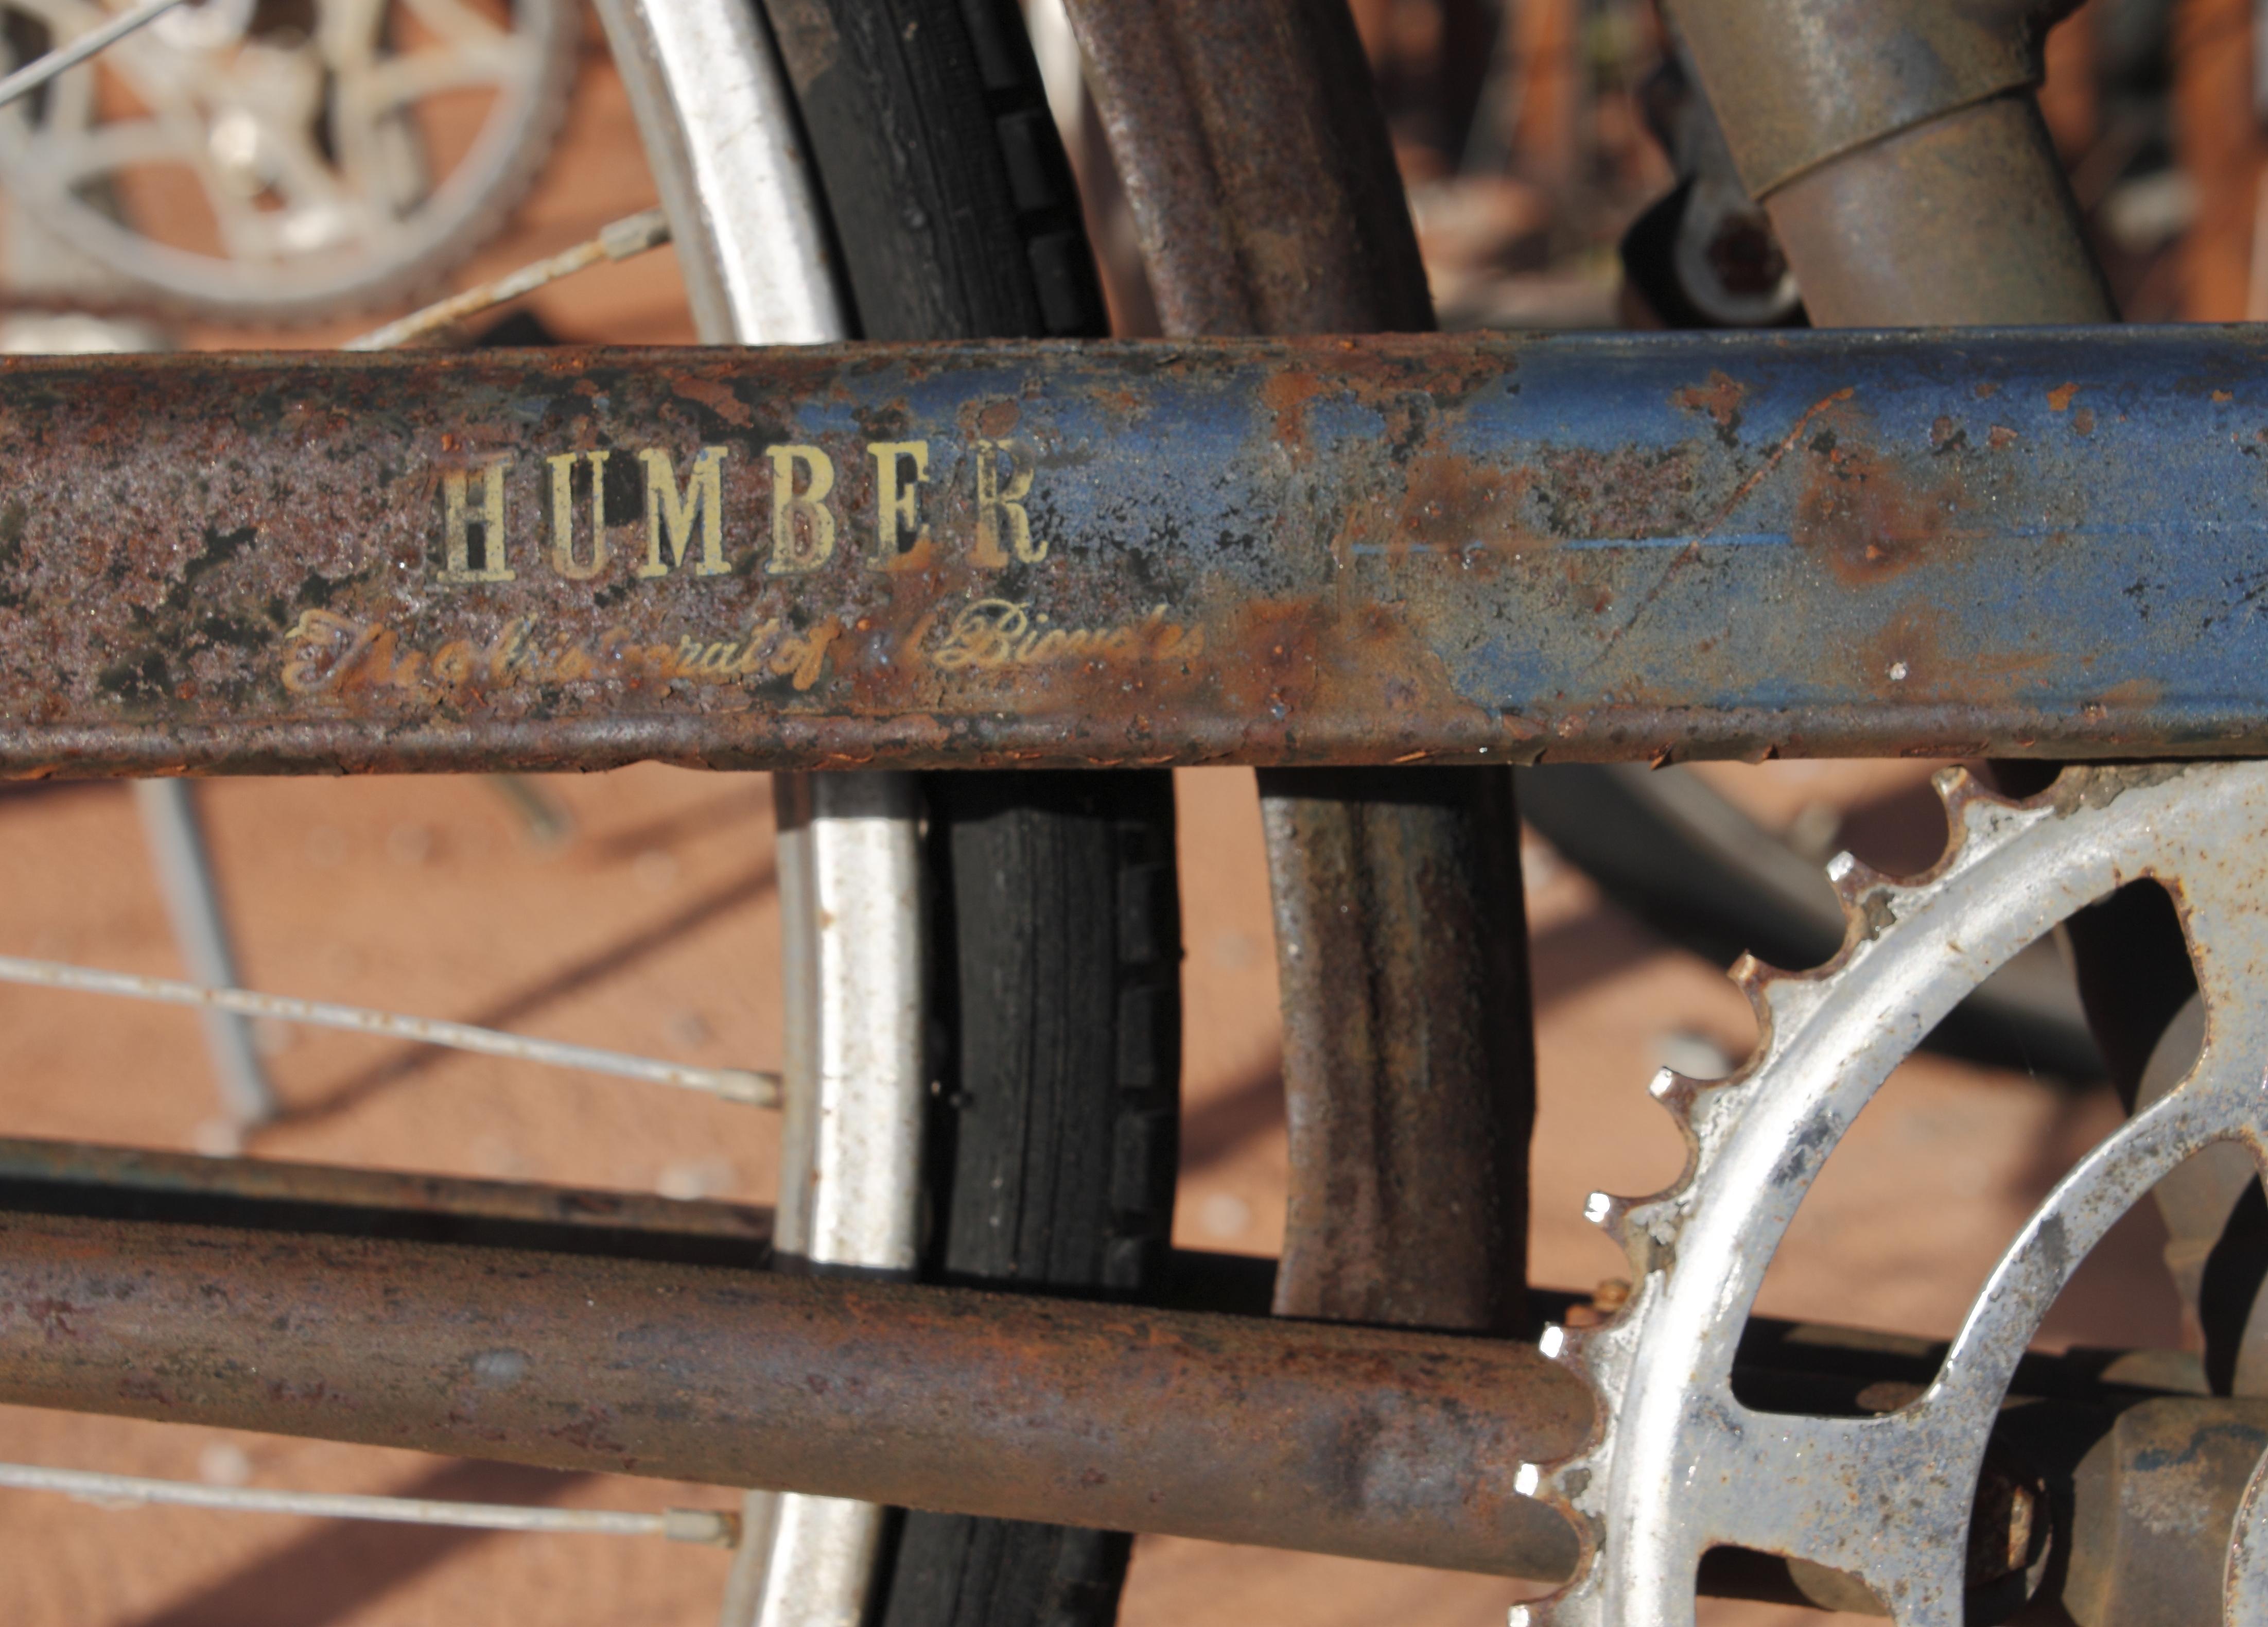 Humber Bike